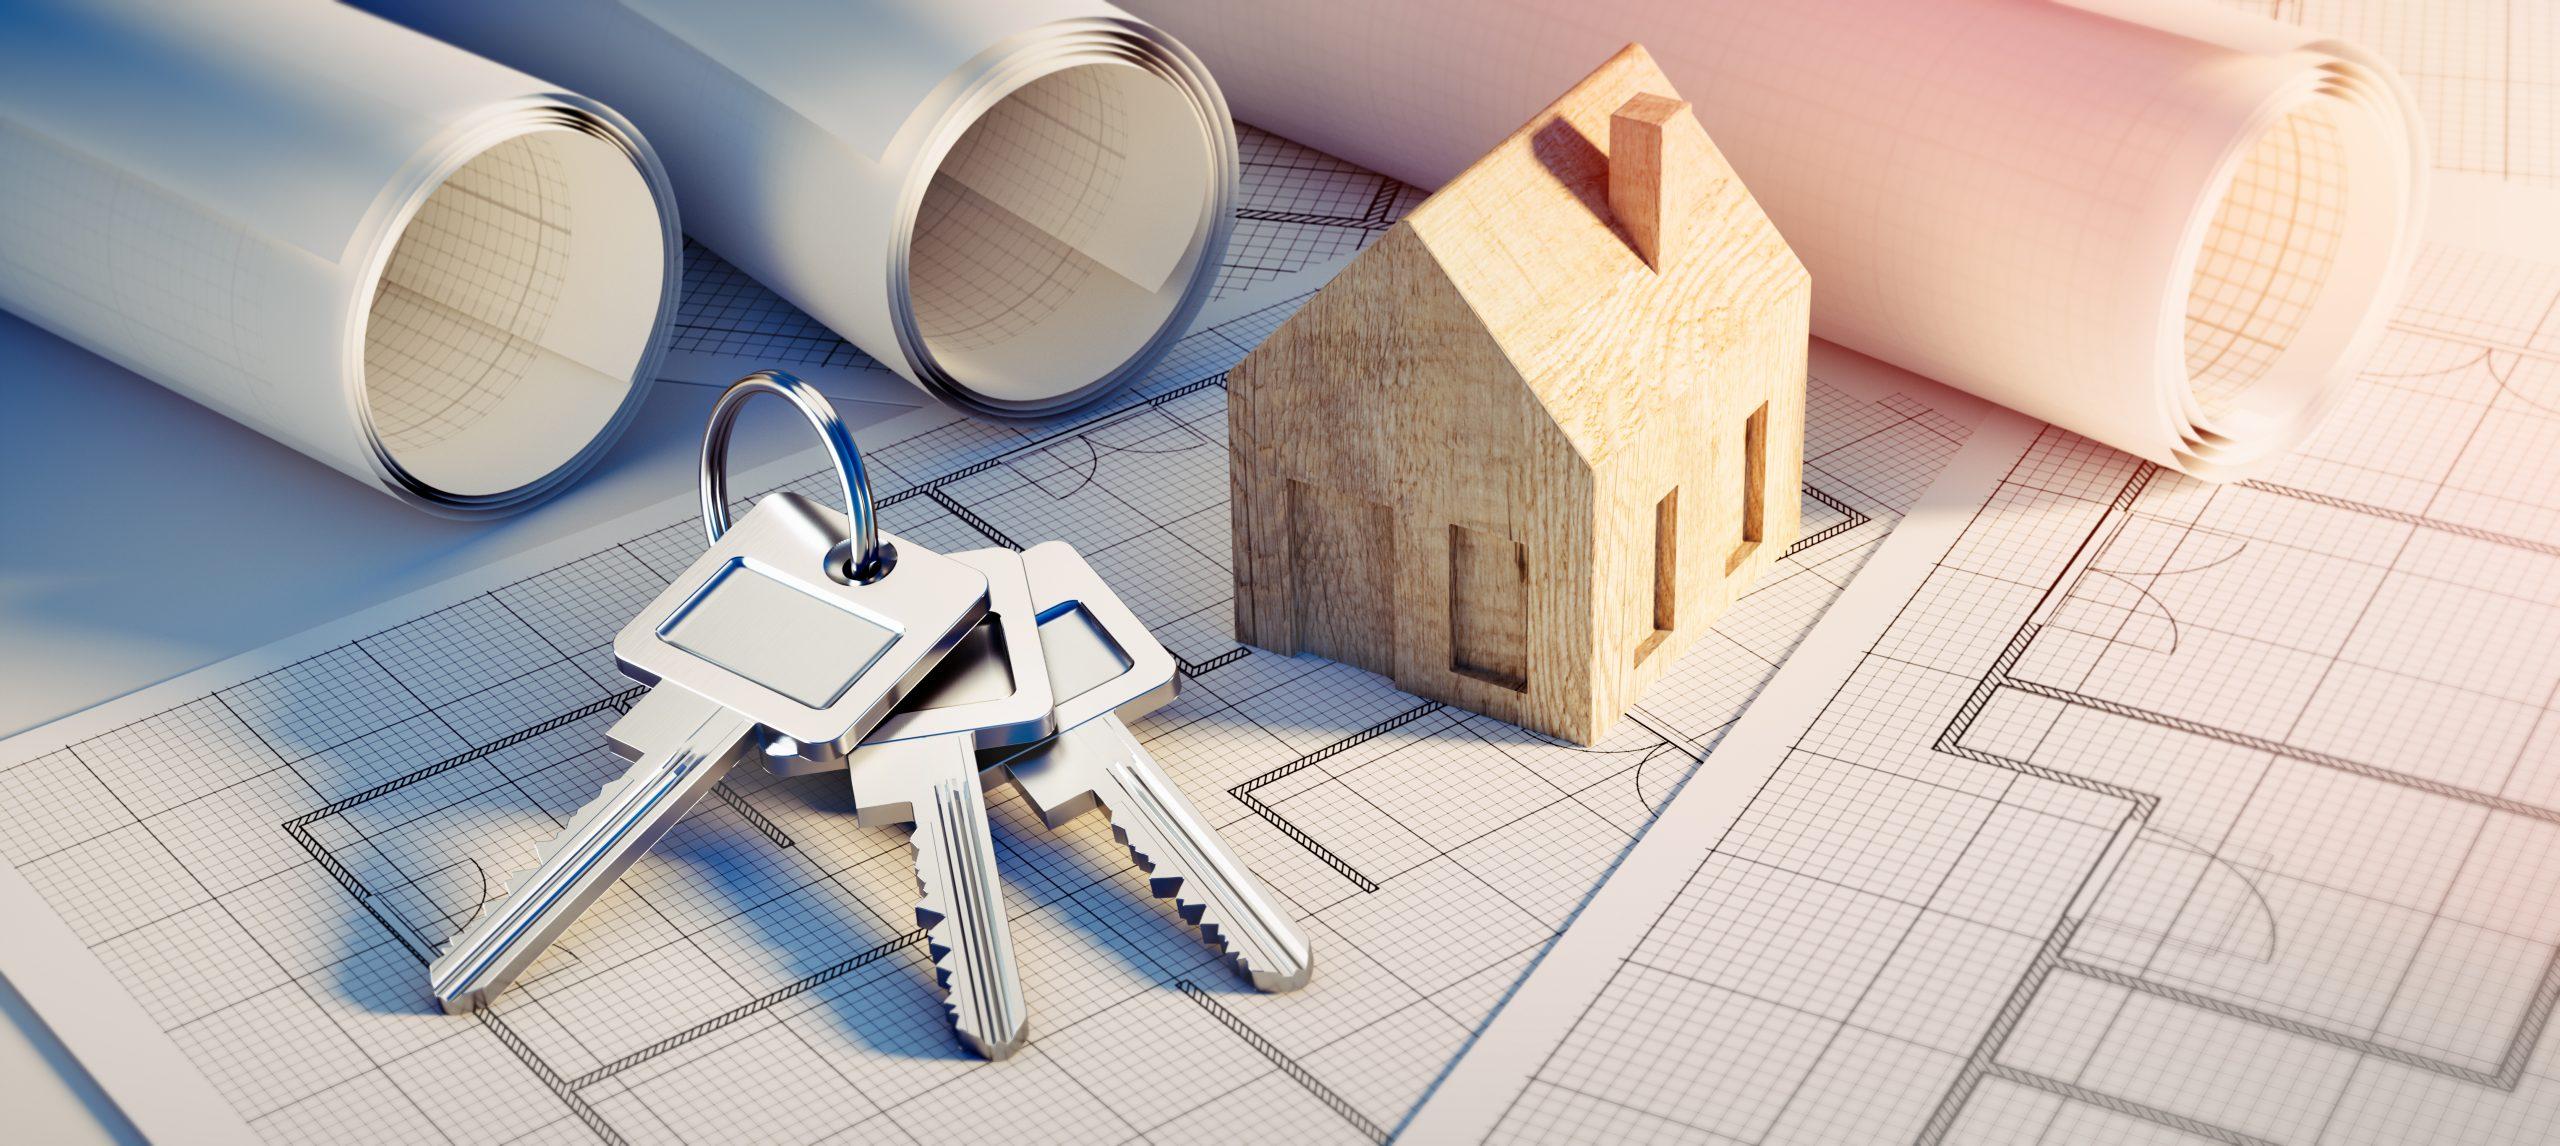 Budowa domów drewnianych w technologii szkieletowej